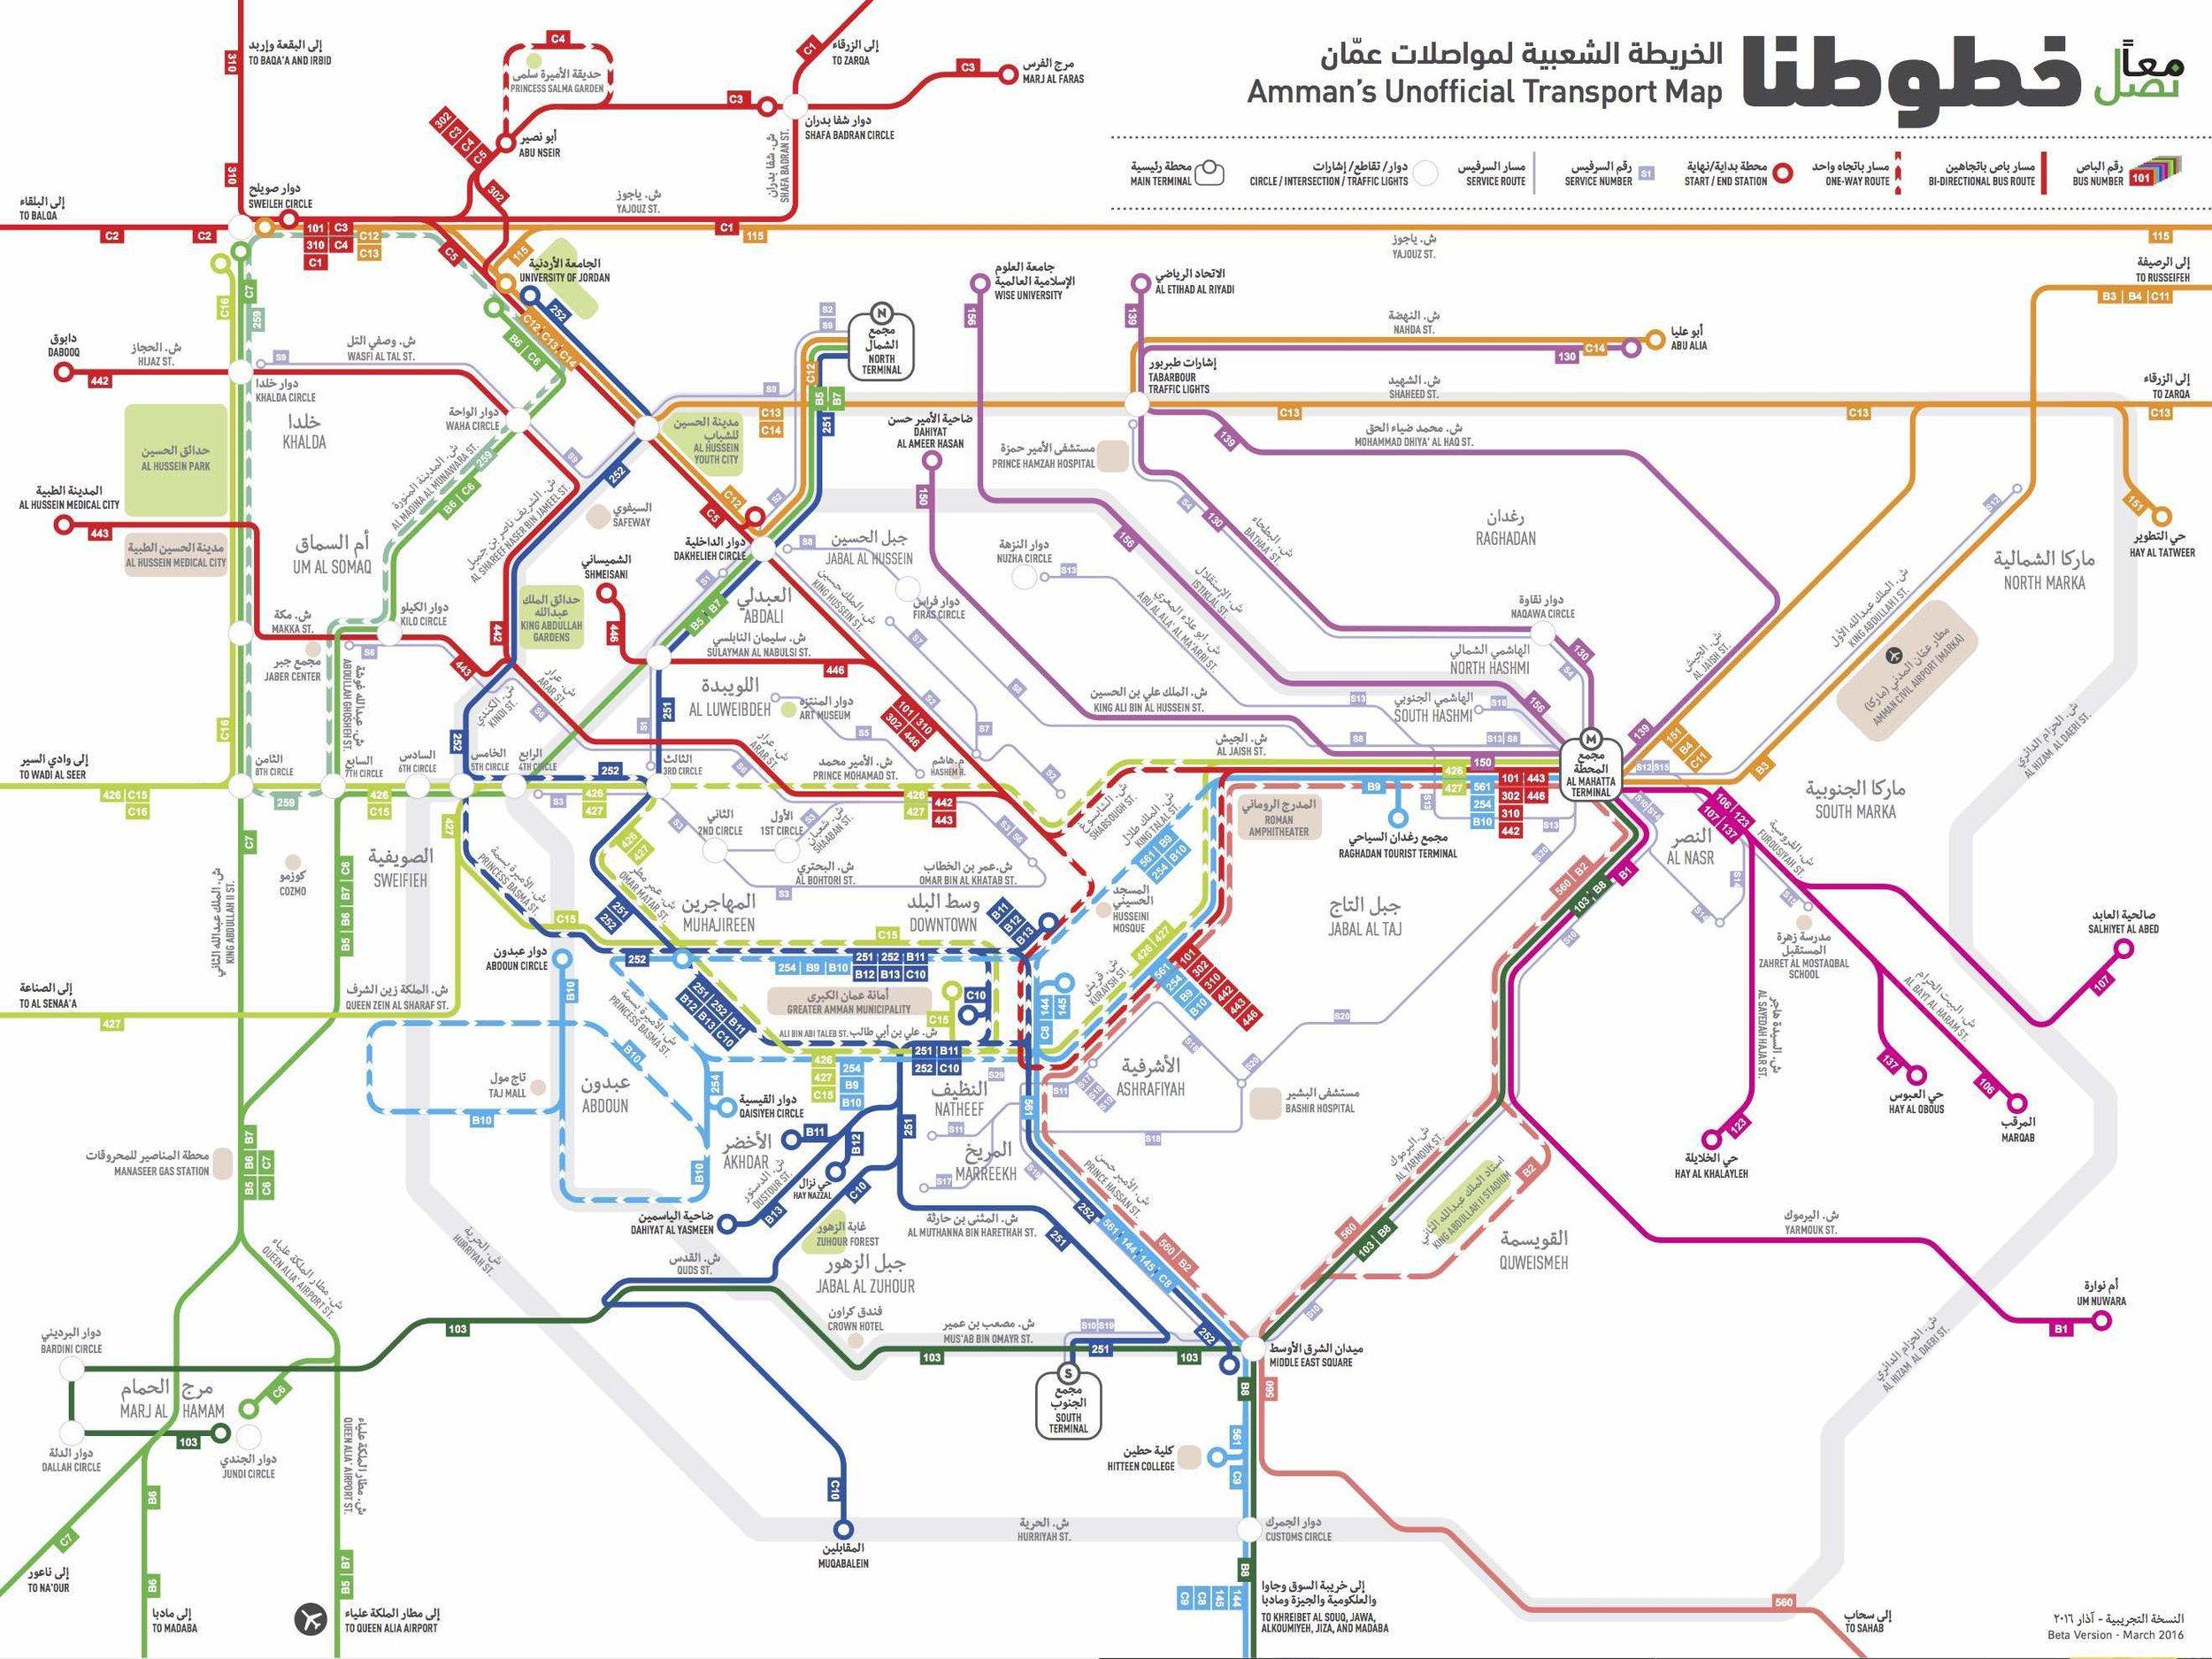 Amman's Unofficial Transport Map - الخريطة الشعبية لمواصلات عمان